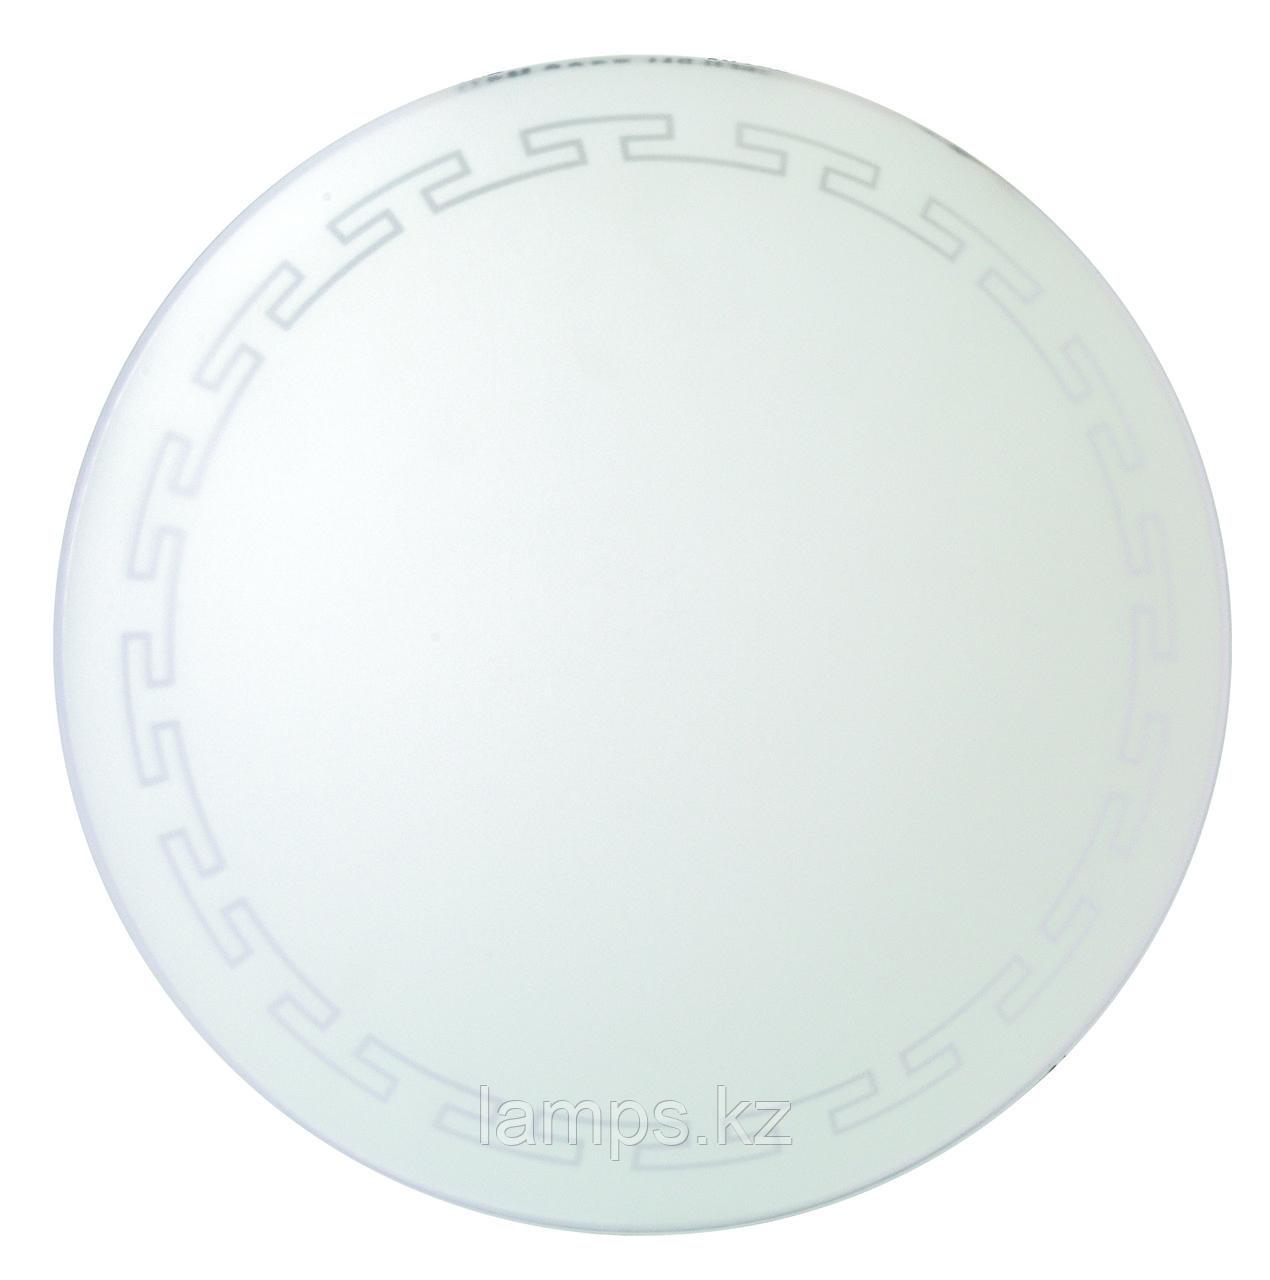 Настенно-потолочный светодиодный светильник TEMPO-30 77151M